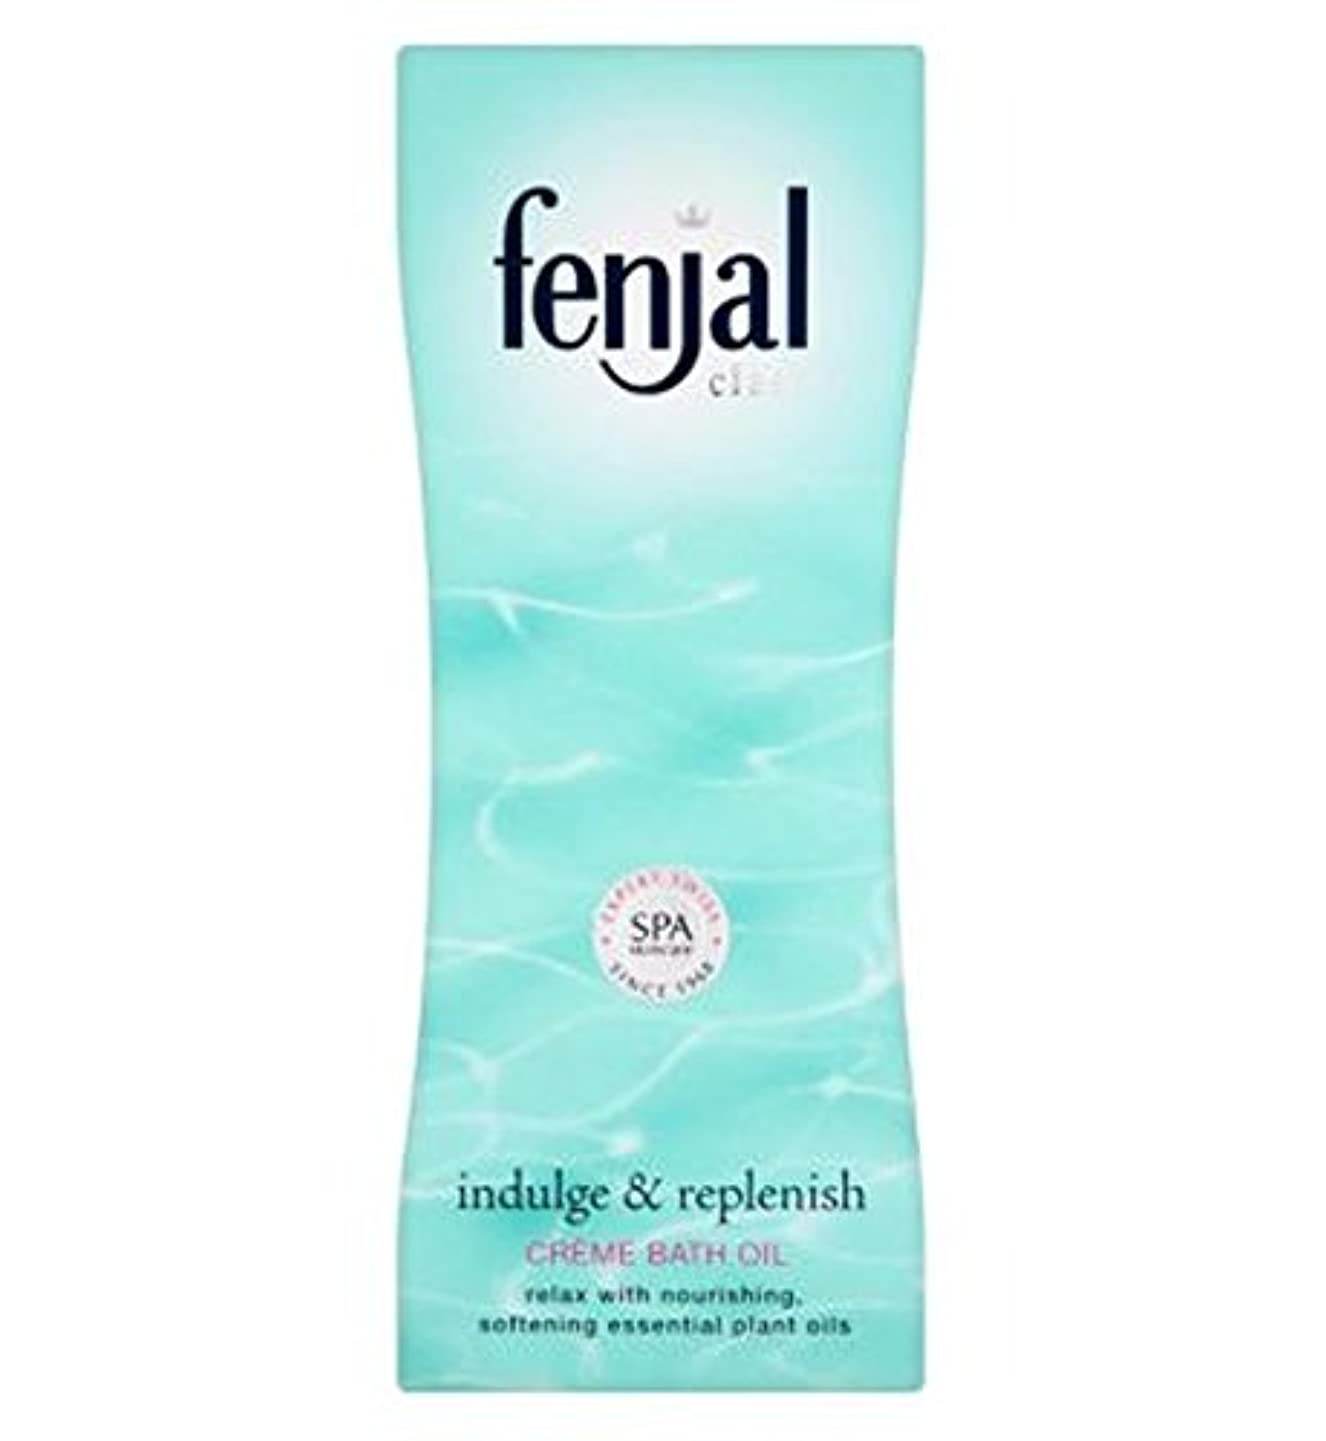 散らすドレインさびたFenjal古典的な高級クリームバスオイル (Fenjal) (x2) - Fenjal Classic Luxury Creme Bath Oil (Pack of 2) [並行輸入品]